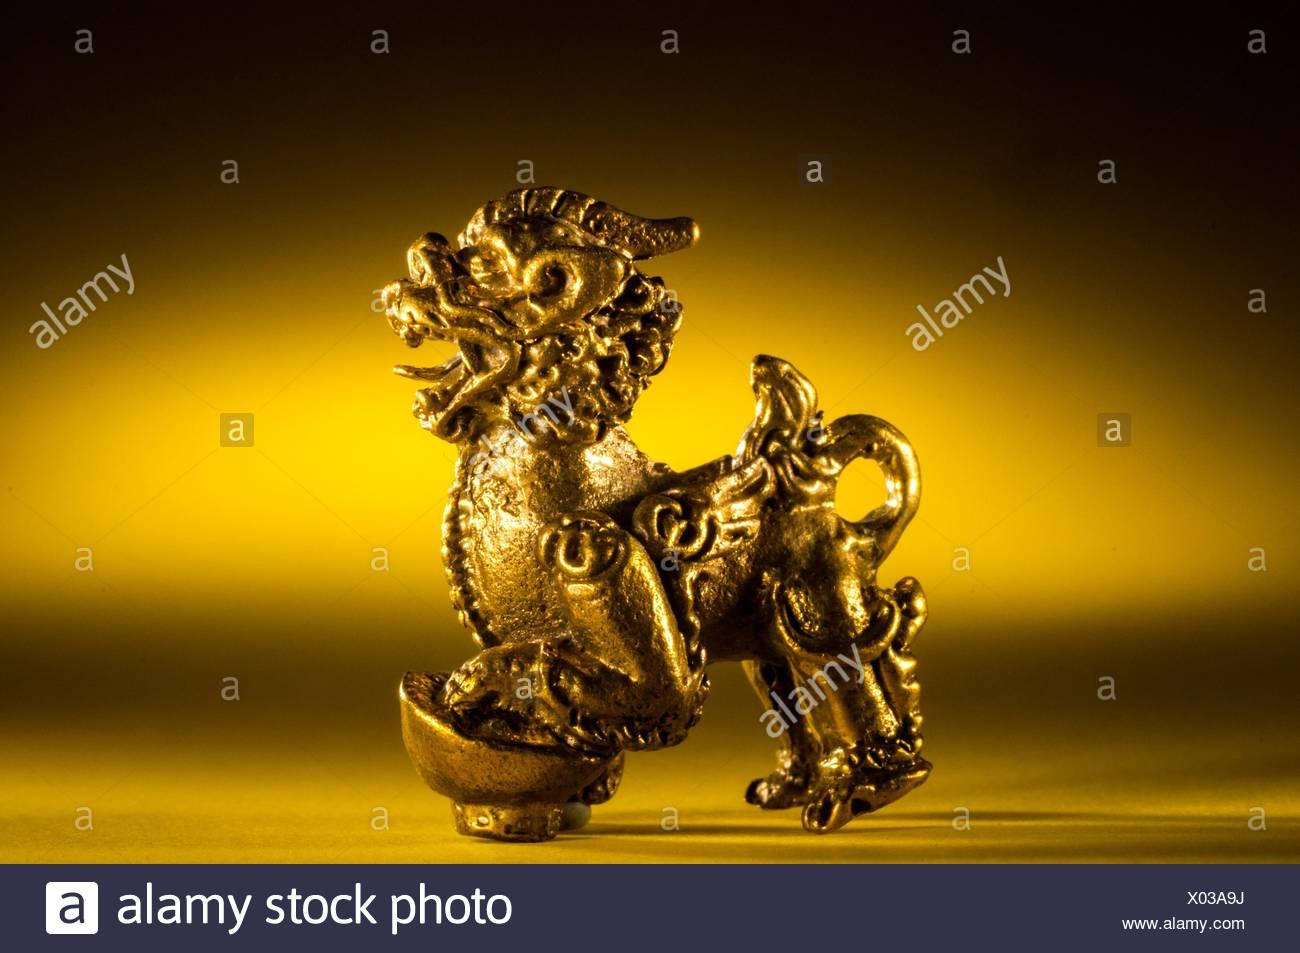 Amuleto de latón 'pi-yao' León para la búsqueda de la riqueza, desde Tailandia en ajuste de estudio. Imagen De Stock